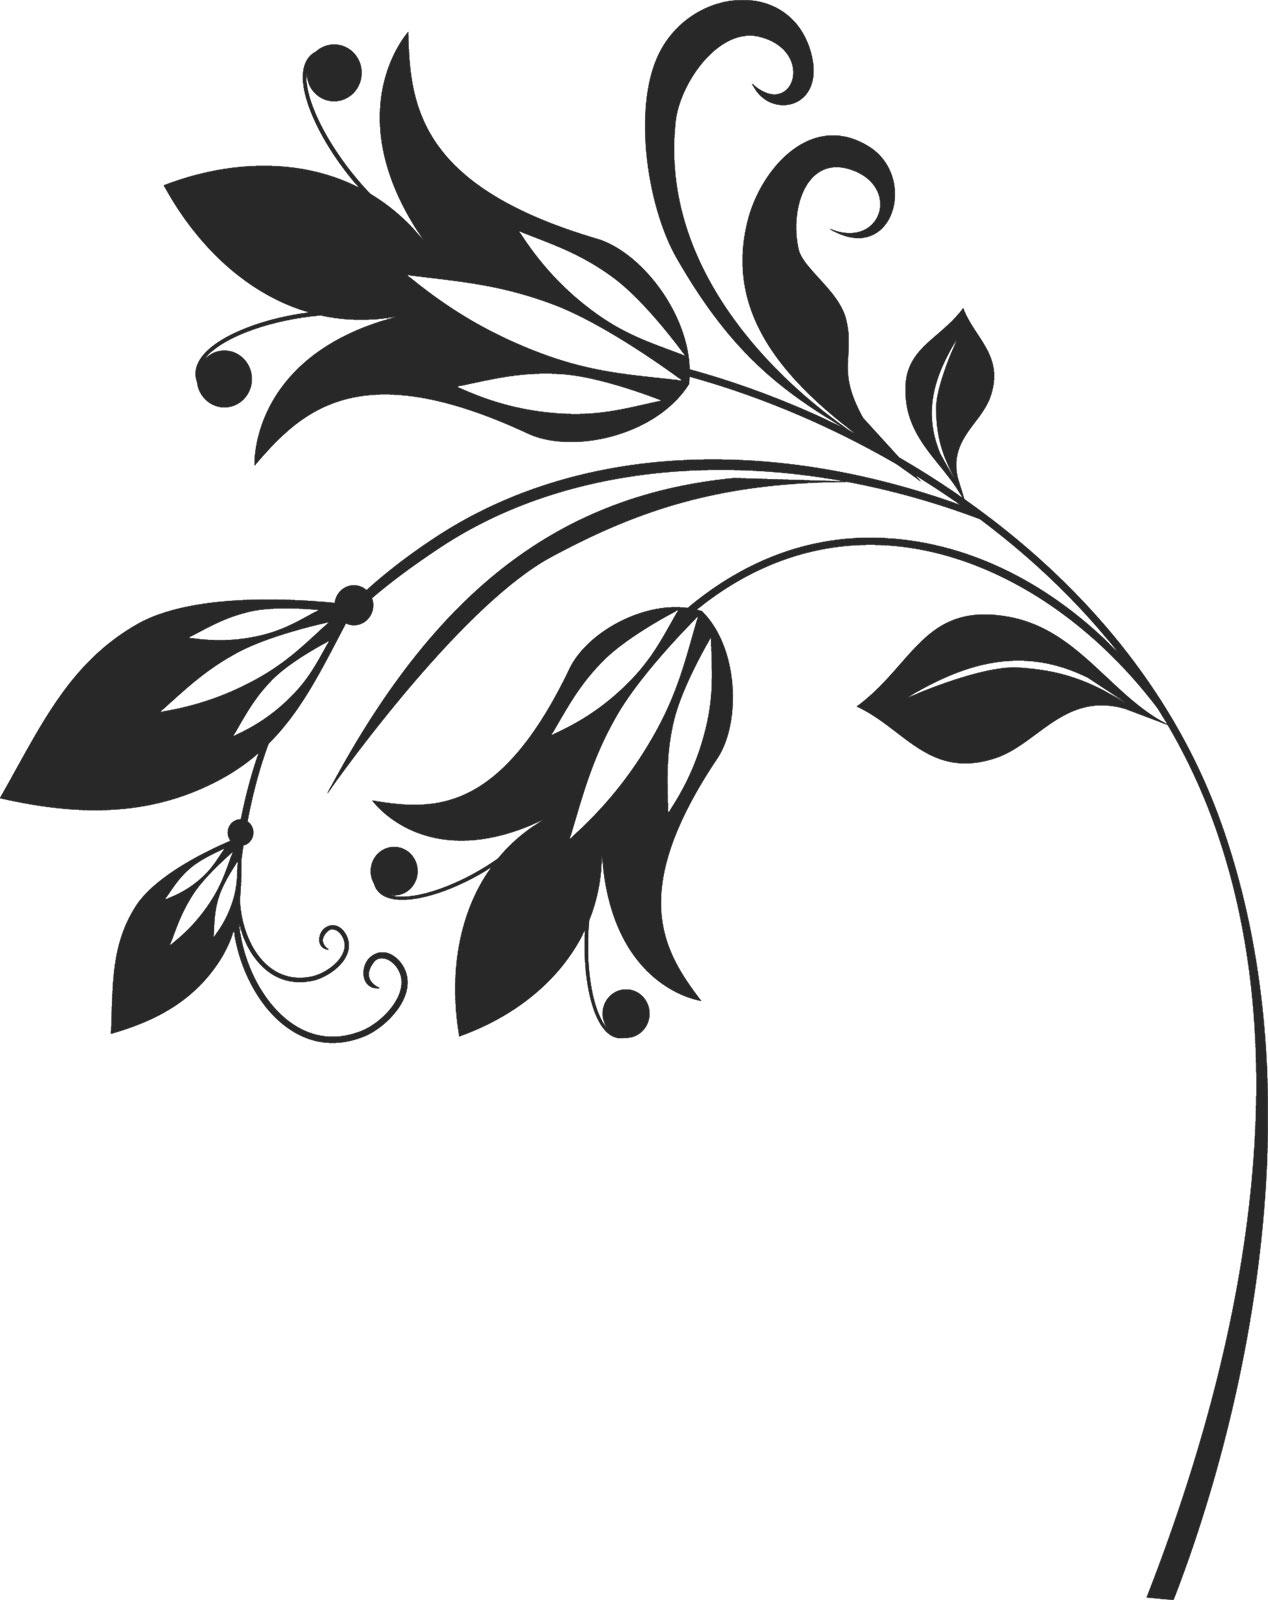 花のイラスト・フリー素材/白黒・モノクロNo.534『白黒・茎葉 ...